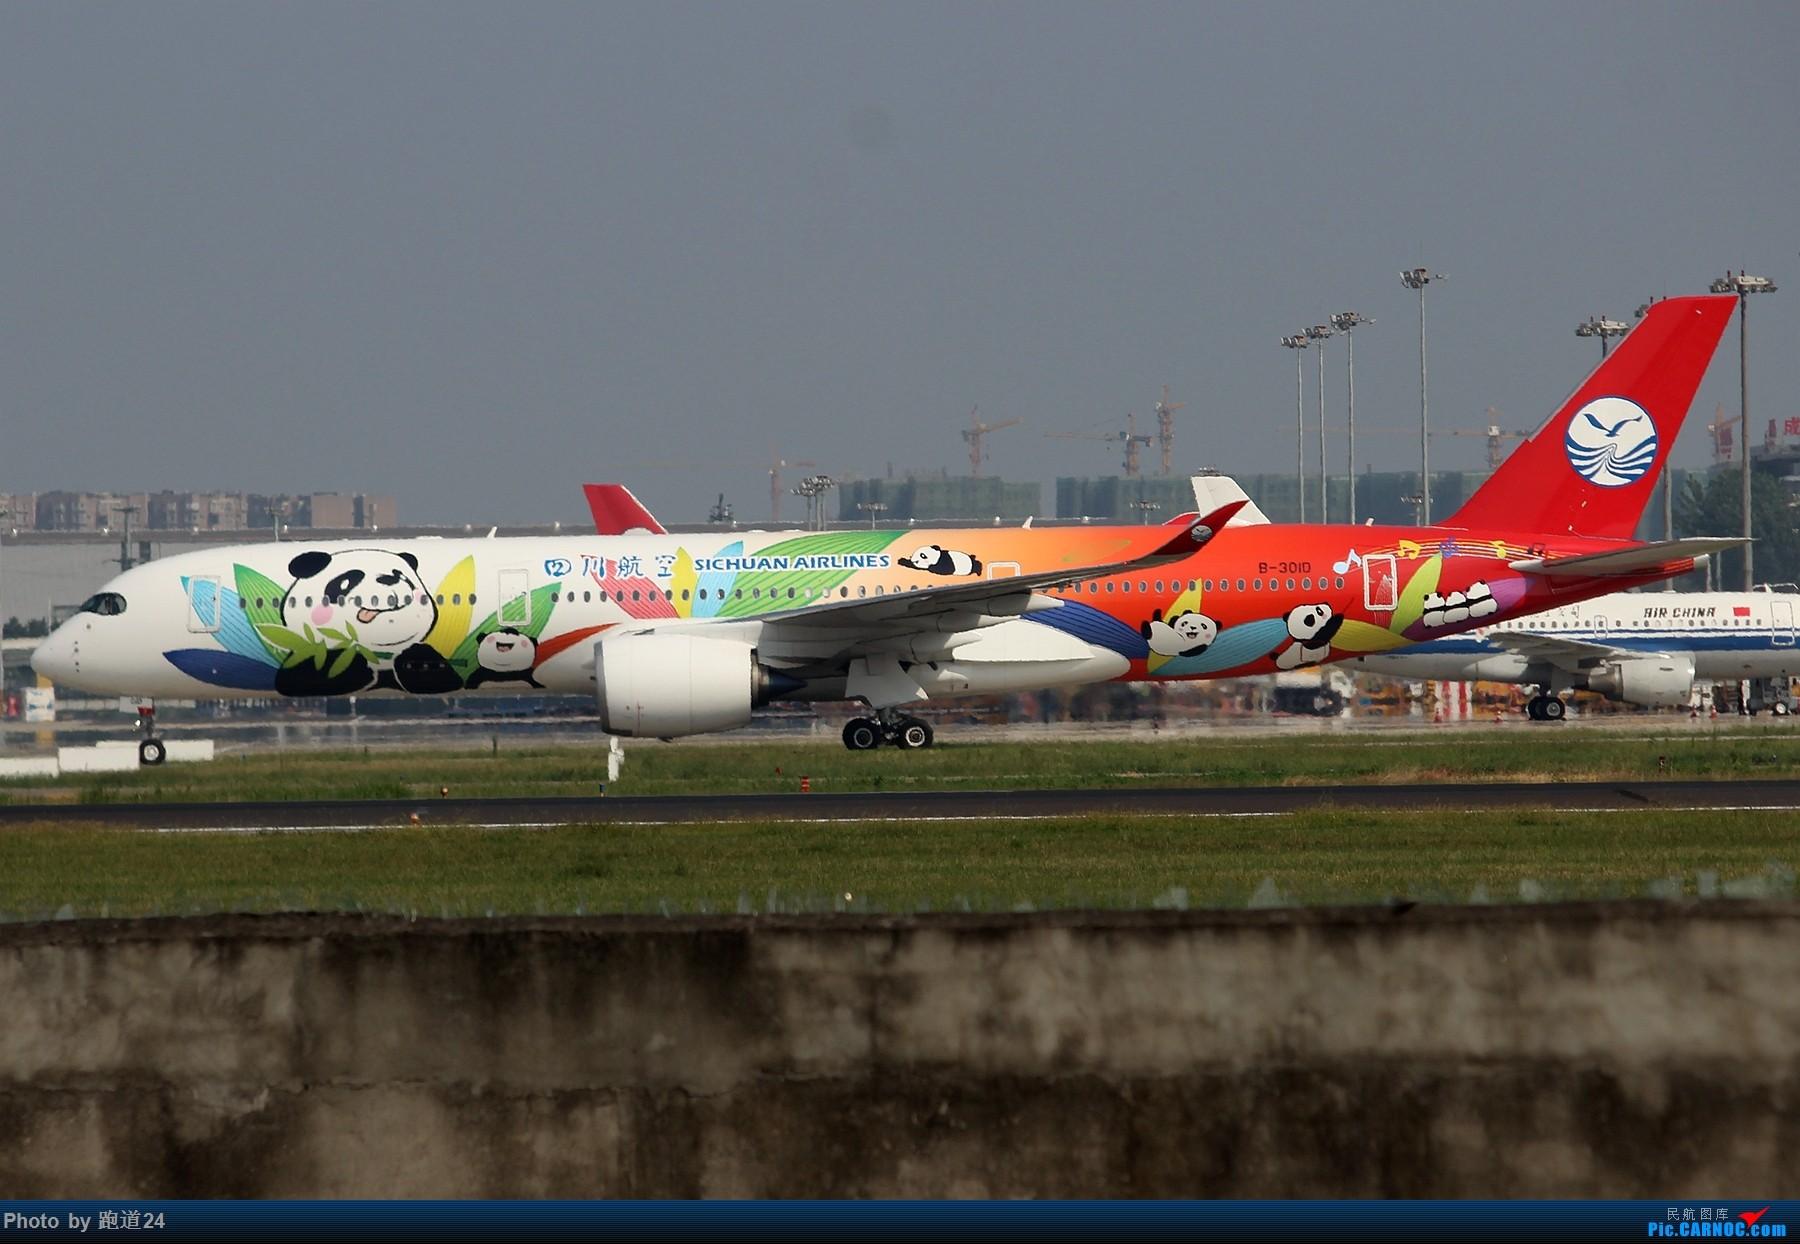 Re:[原创][多图党]8月31日CTU拍机 1800*1200 AIRBUS A350-900 B-301D 中国成都双流国际机场